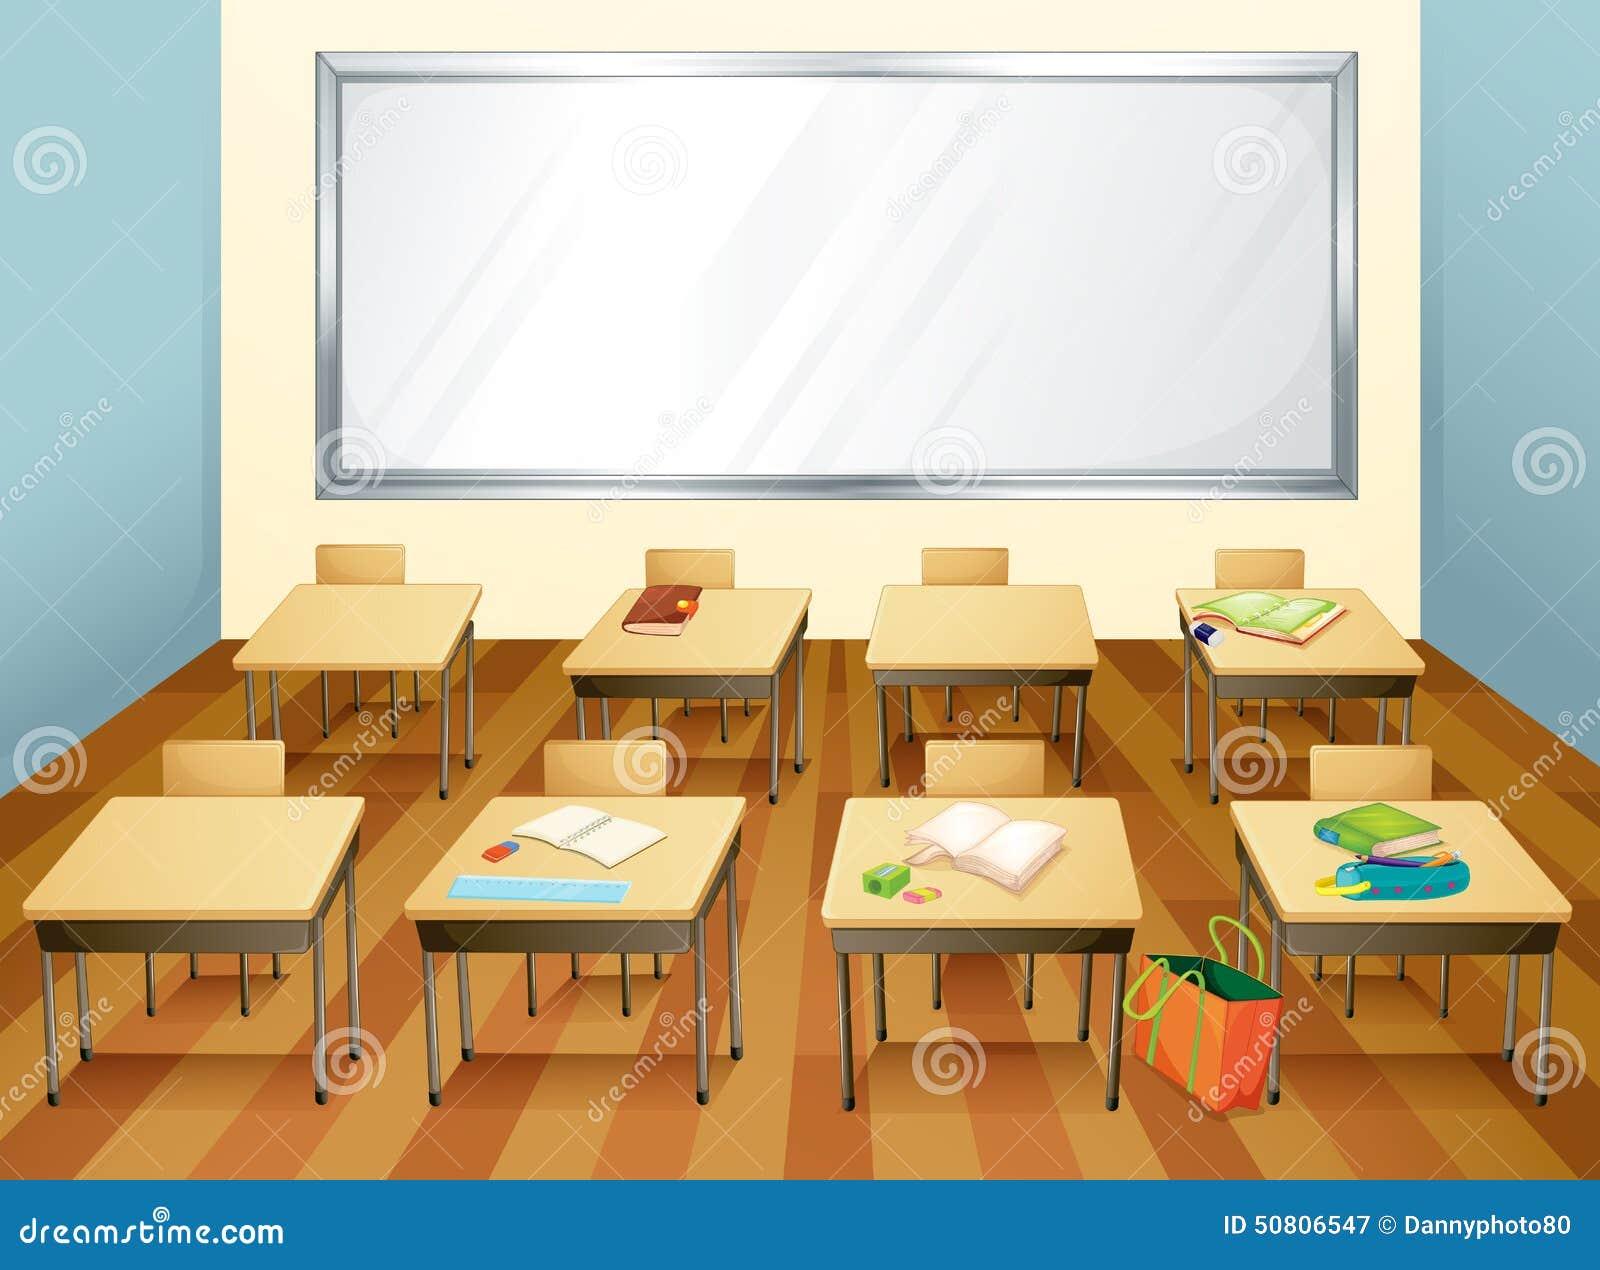 关于教室的�9�.�*_教室